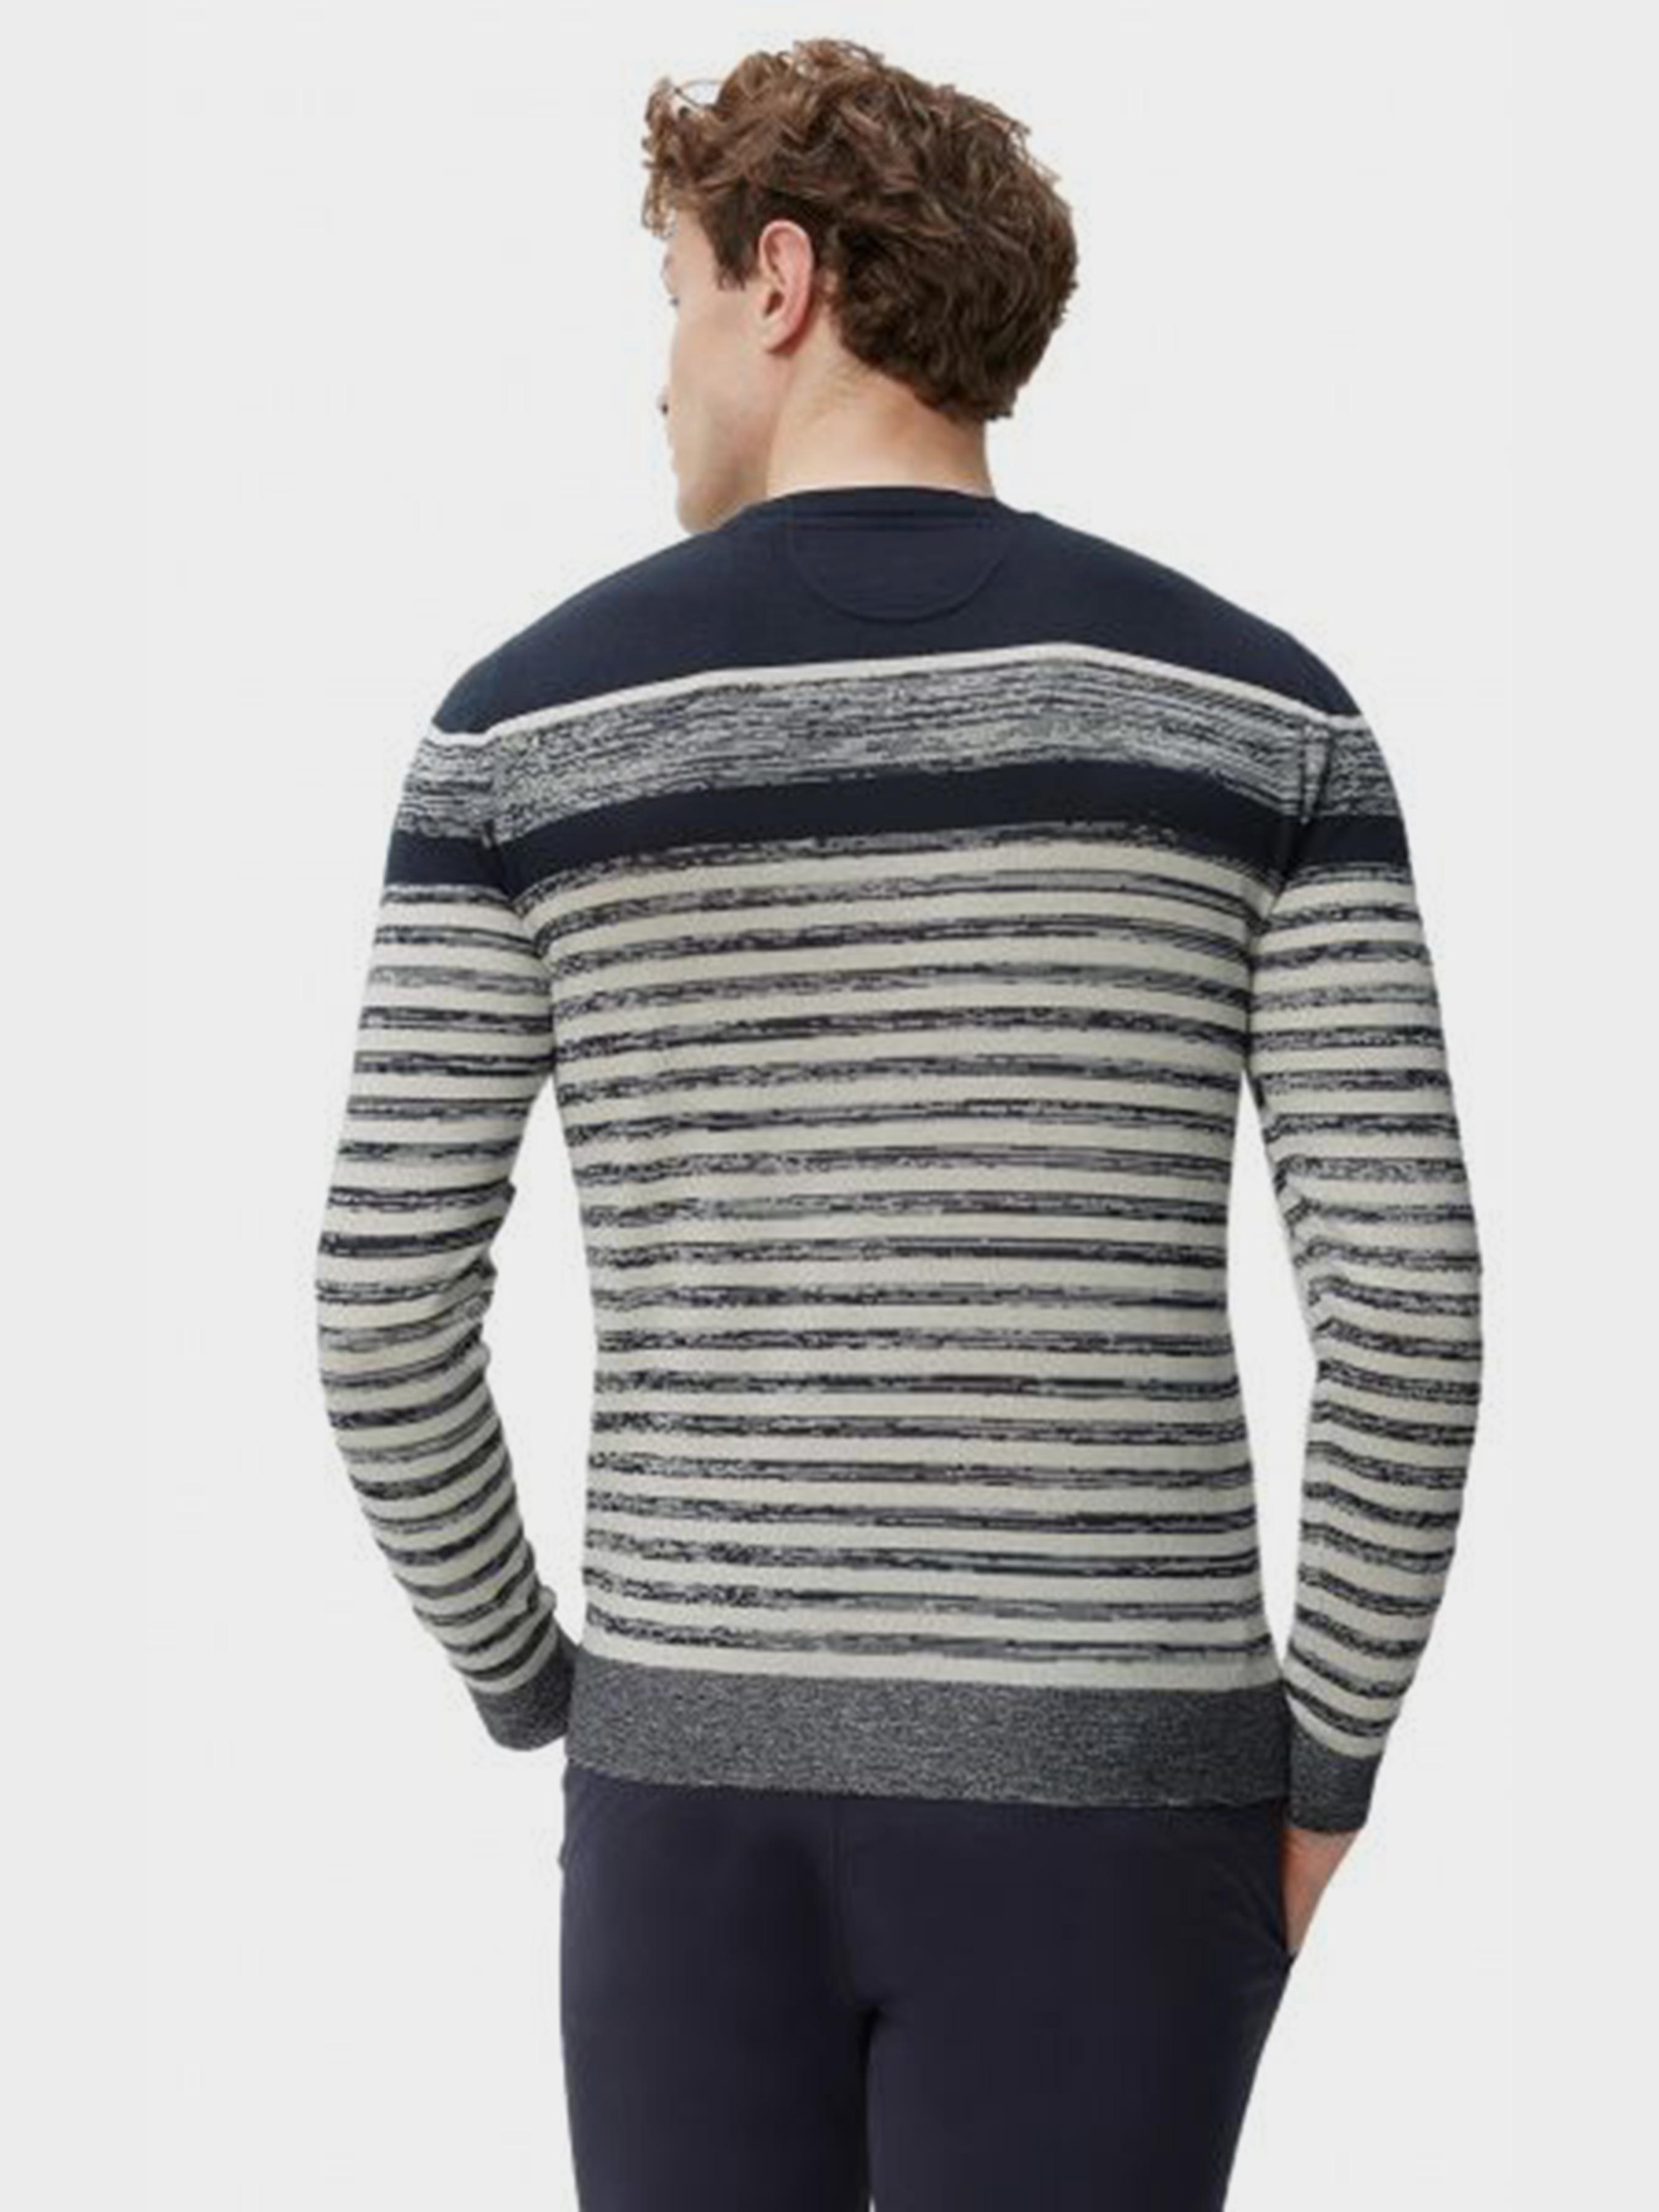 MARC O'POLO Кофти та светри чоловічі модель 922506660042-896 ціна, 2017